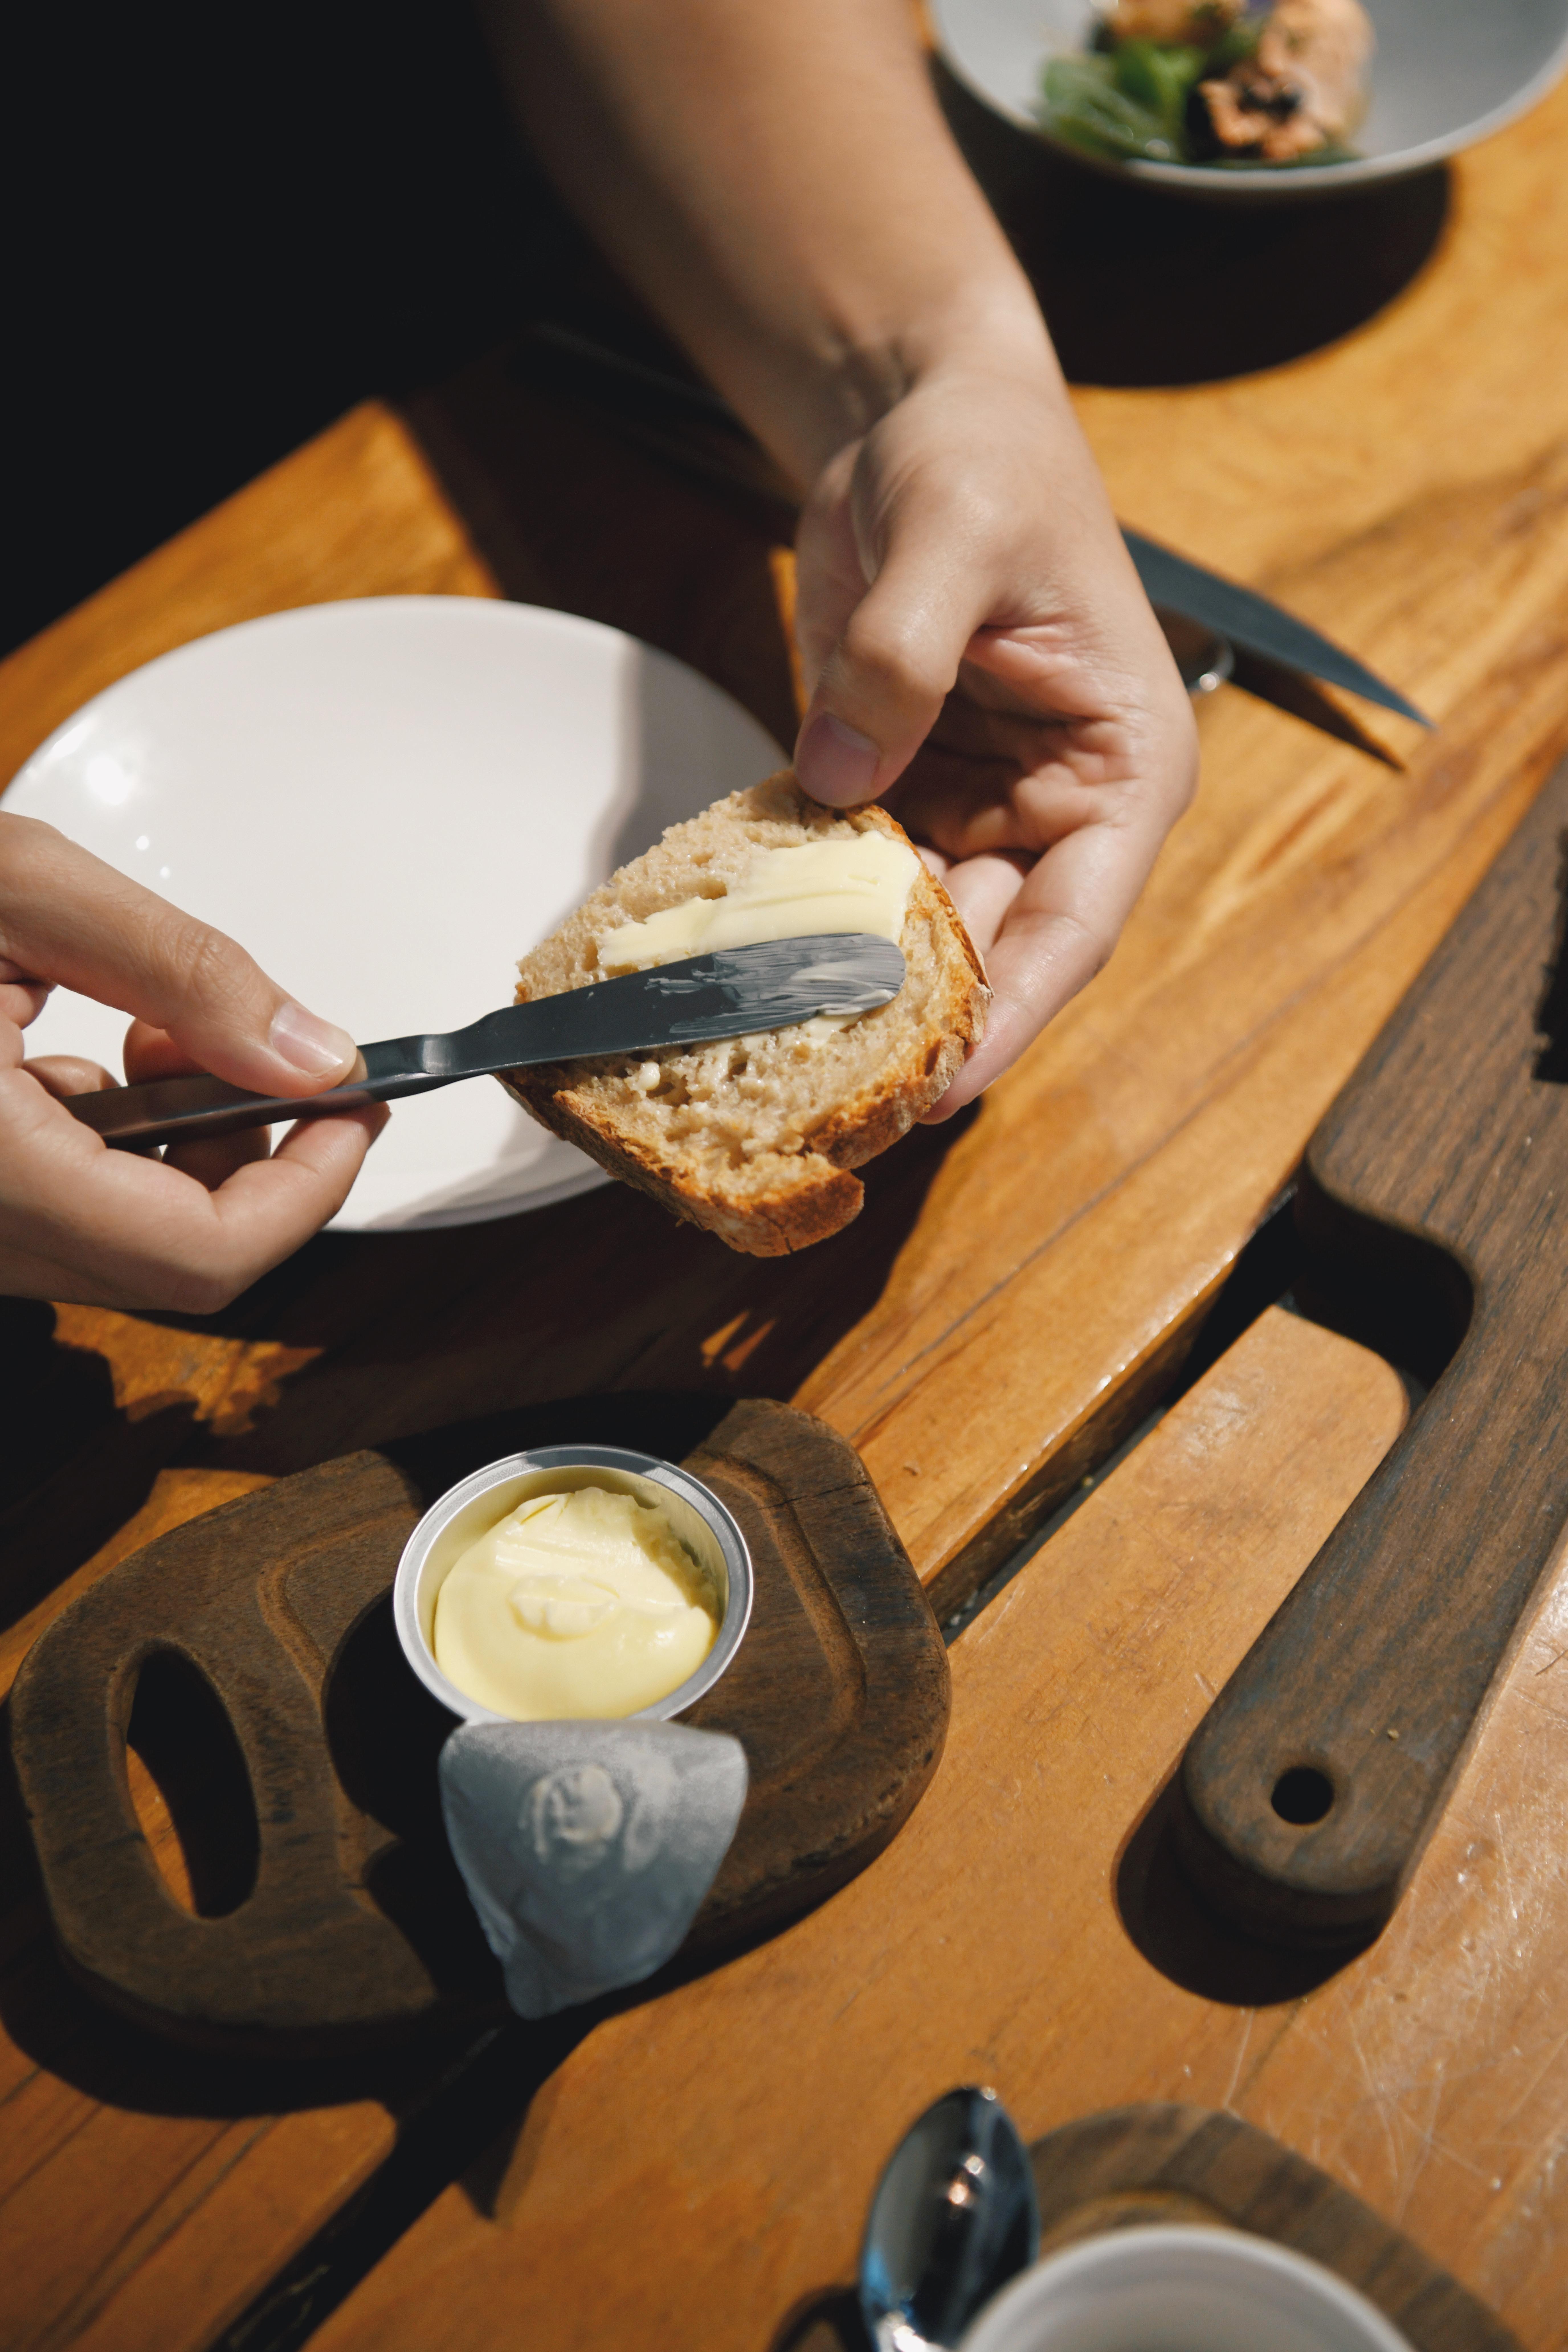 廚子市場的無菜單料理,帶你品嚐歐陸菜的層疊美味。